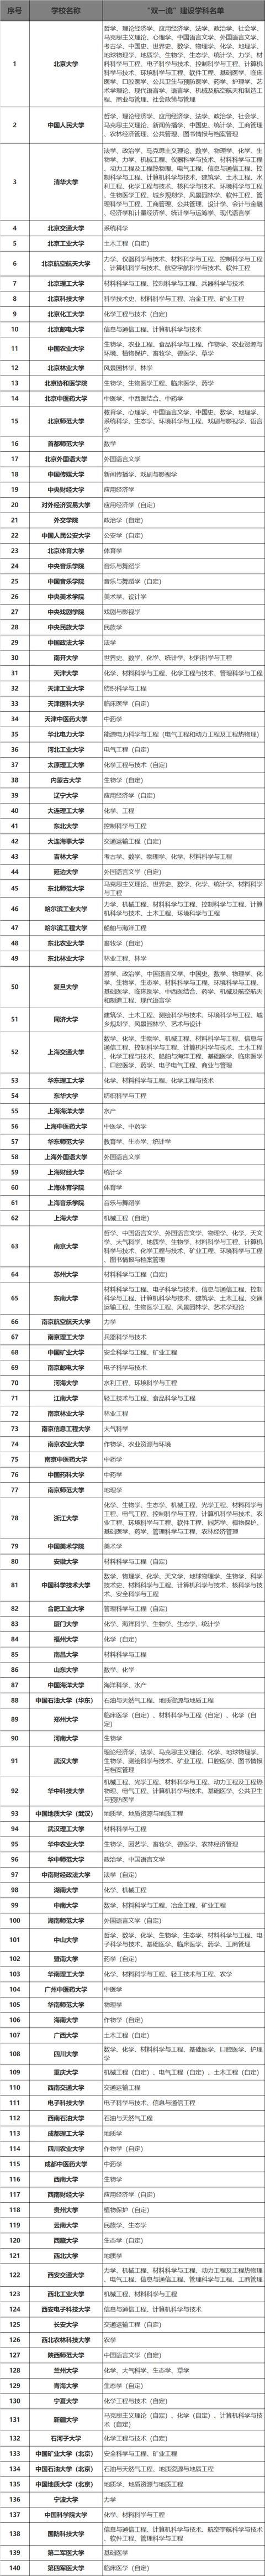 亚城大在职免联考MBA 考研难度等级表,看看你考研有多难?